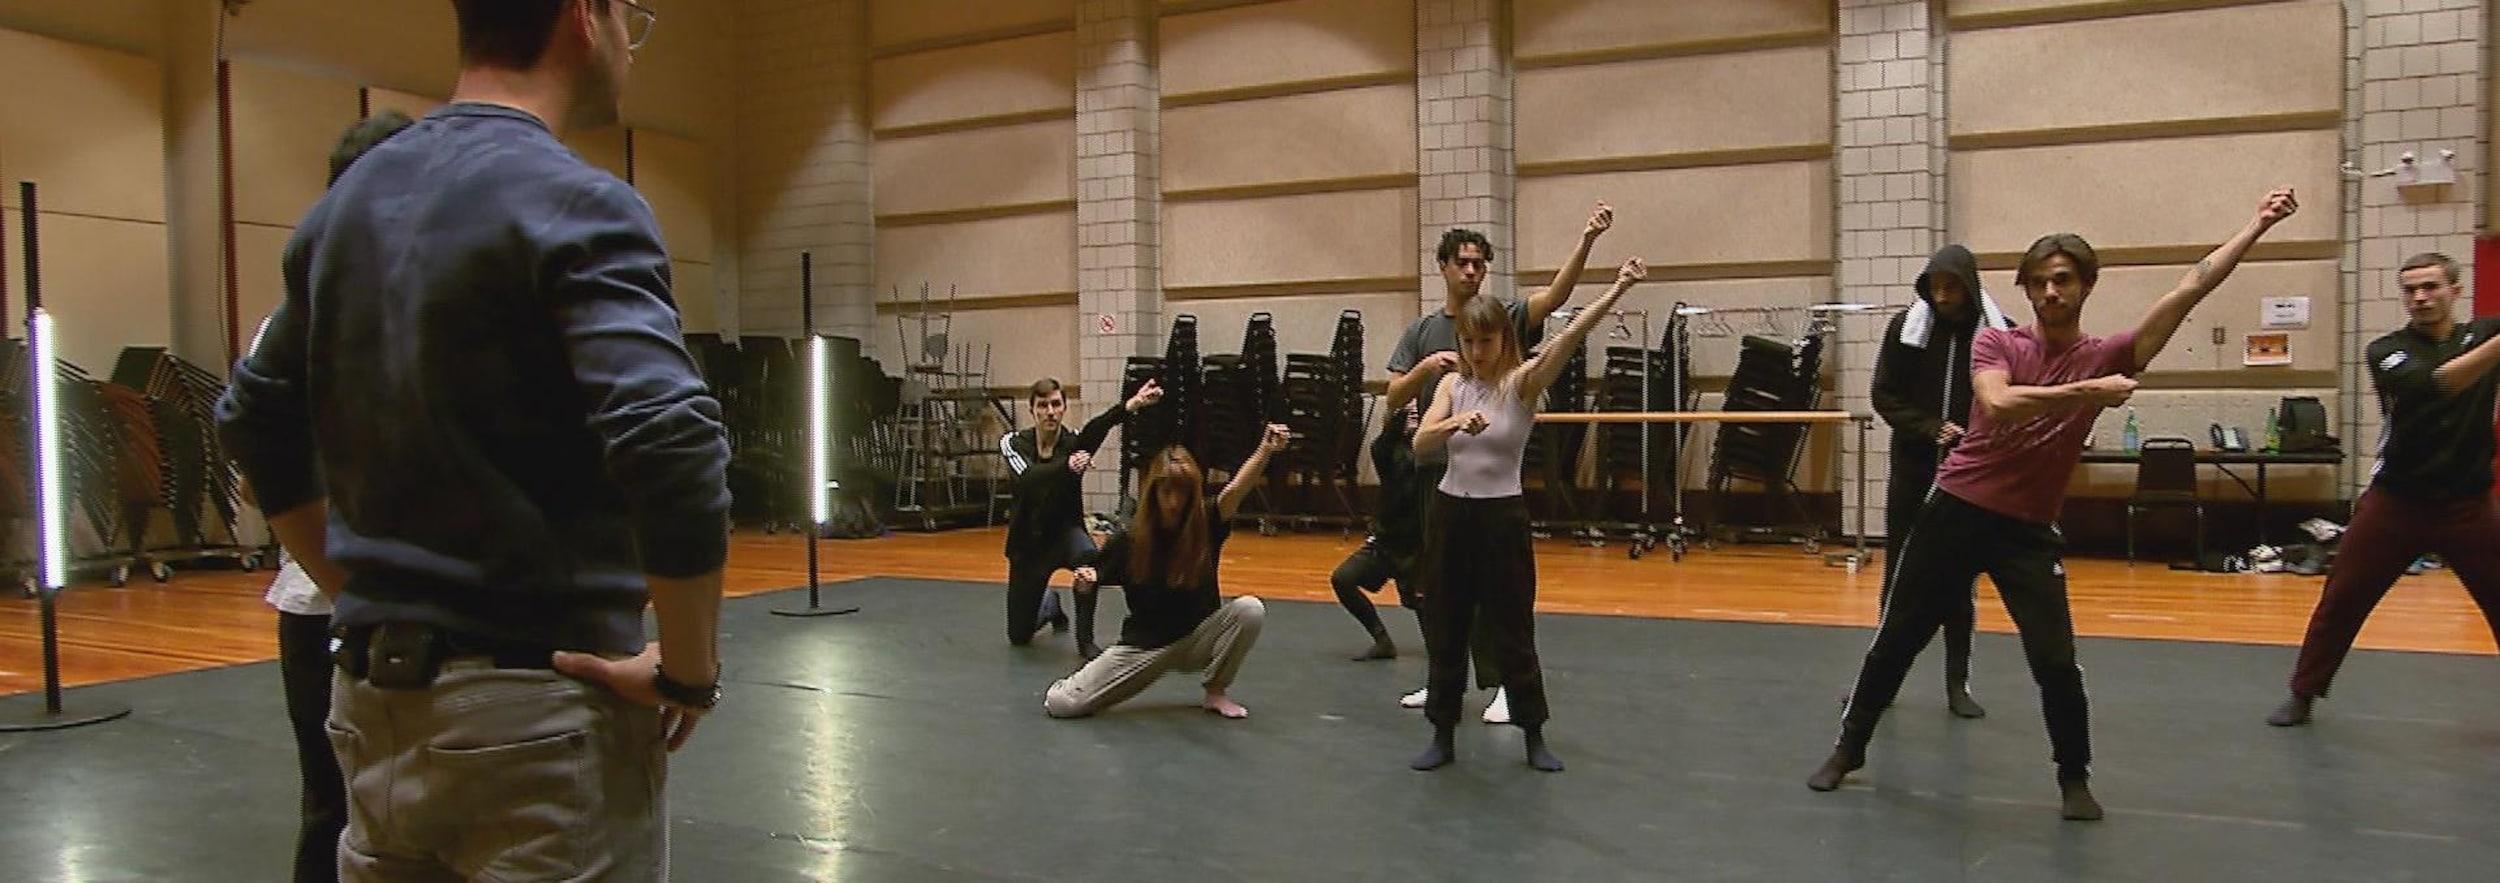 Un homme observe des danseurs.